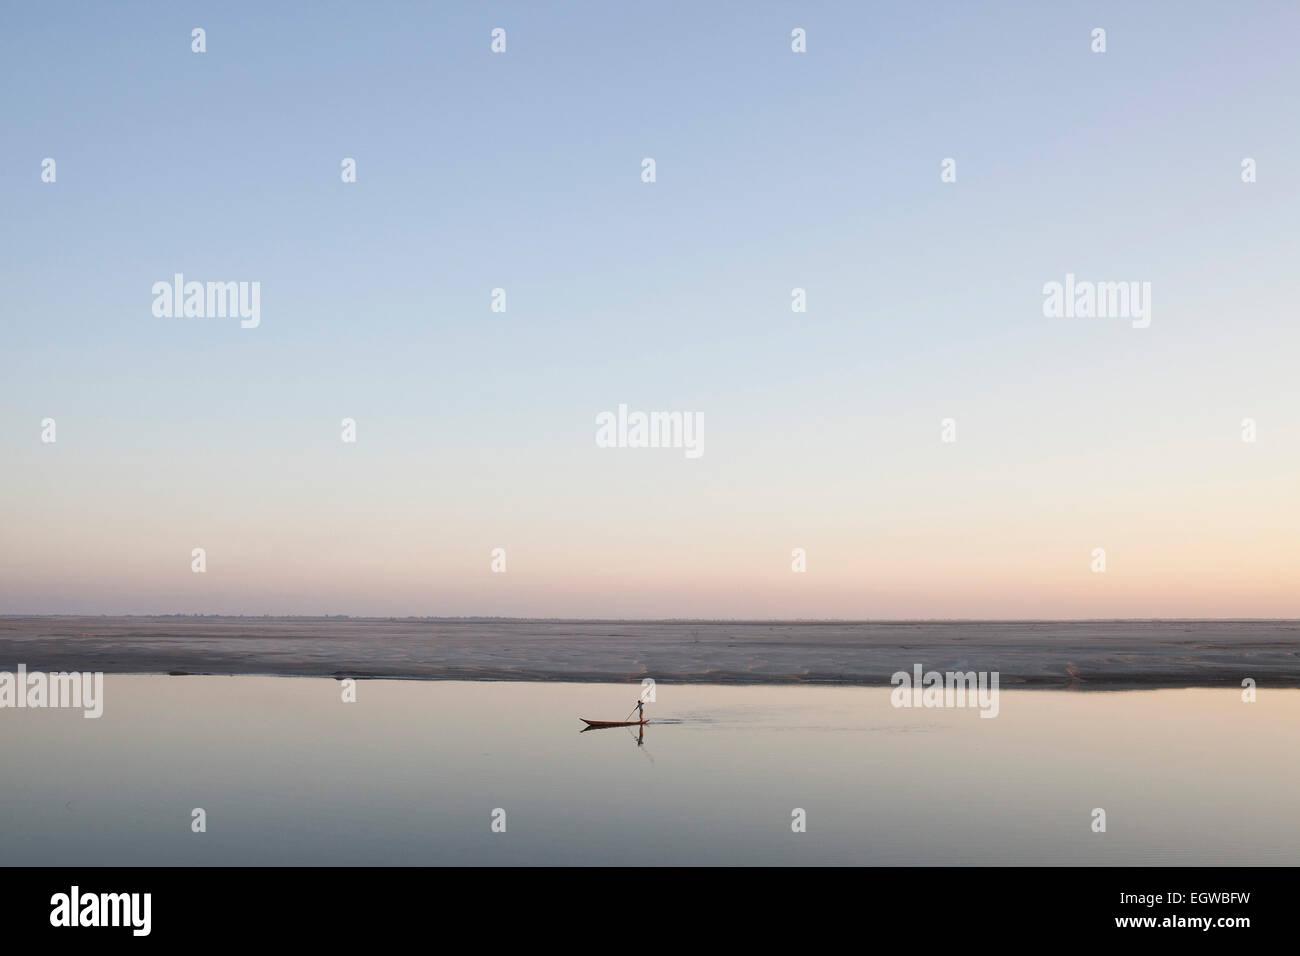 Boatman poling sur Brahmapoutre au coucher du soleil, l'île de Majuli, dans l'Assam, Inde Banque D'Images